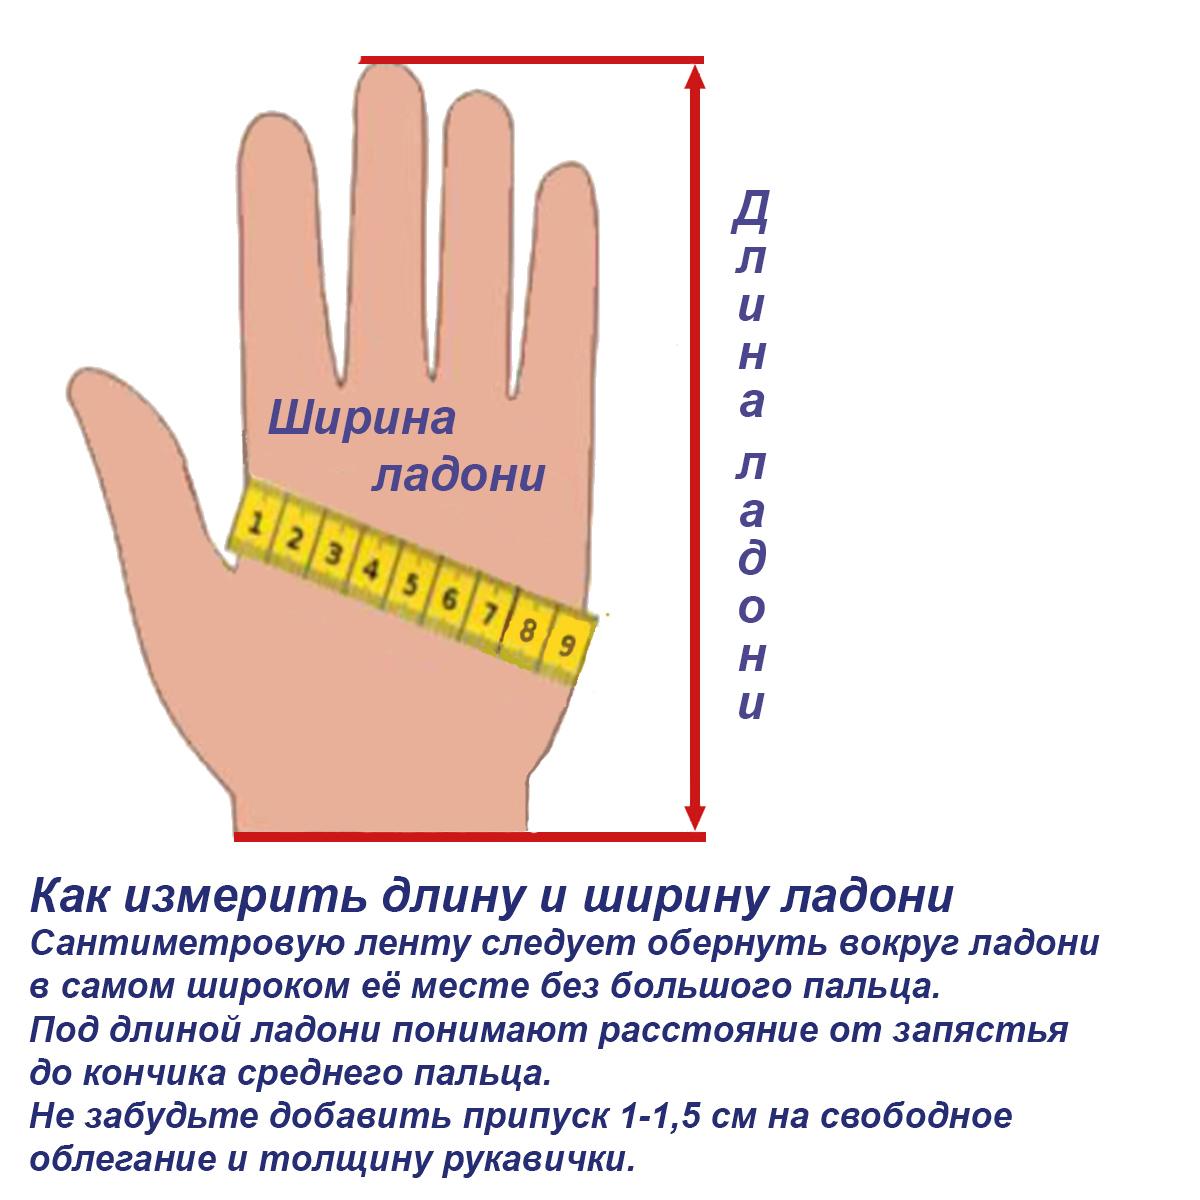 Выбрать размер рукавички